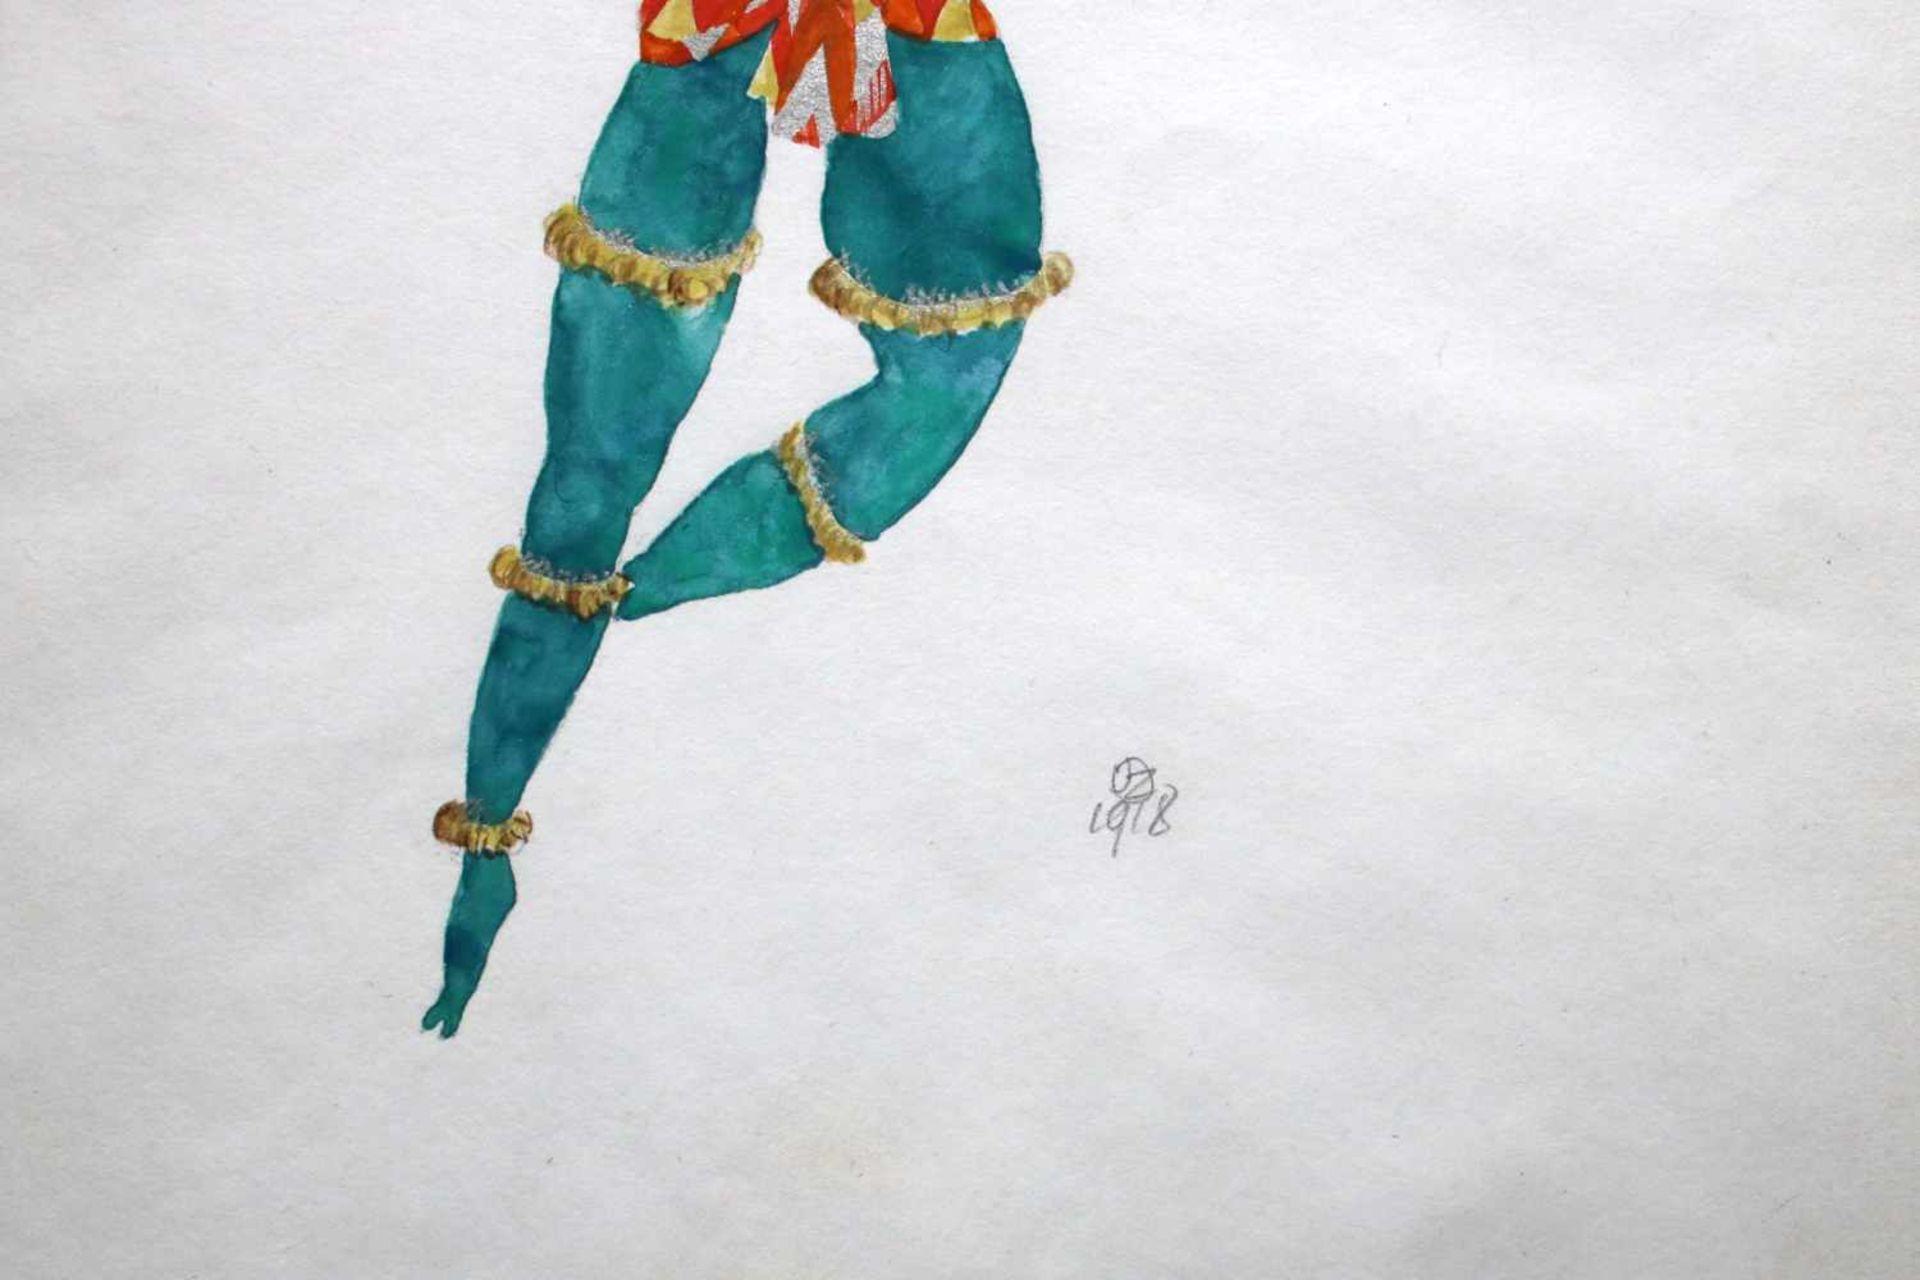 Julius Zimpel (1896 - 1925) Tänzer 1918 Aquarell auf Papier Monogrammiert und datiert 34 x 22 cm - Bild 2 aus 2